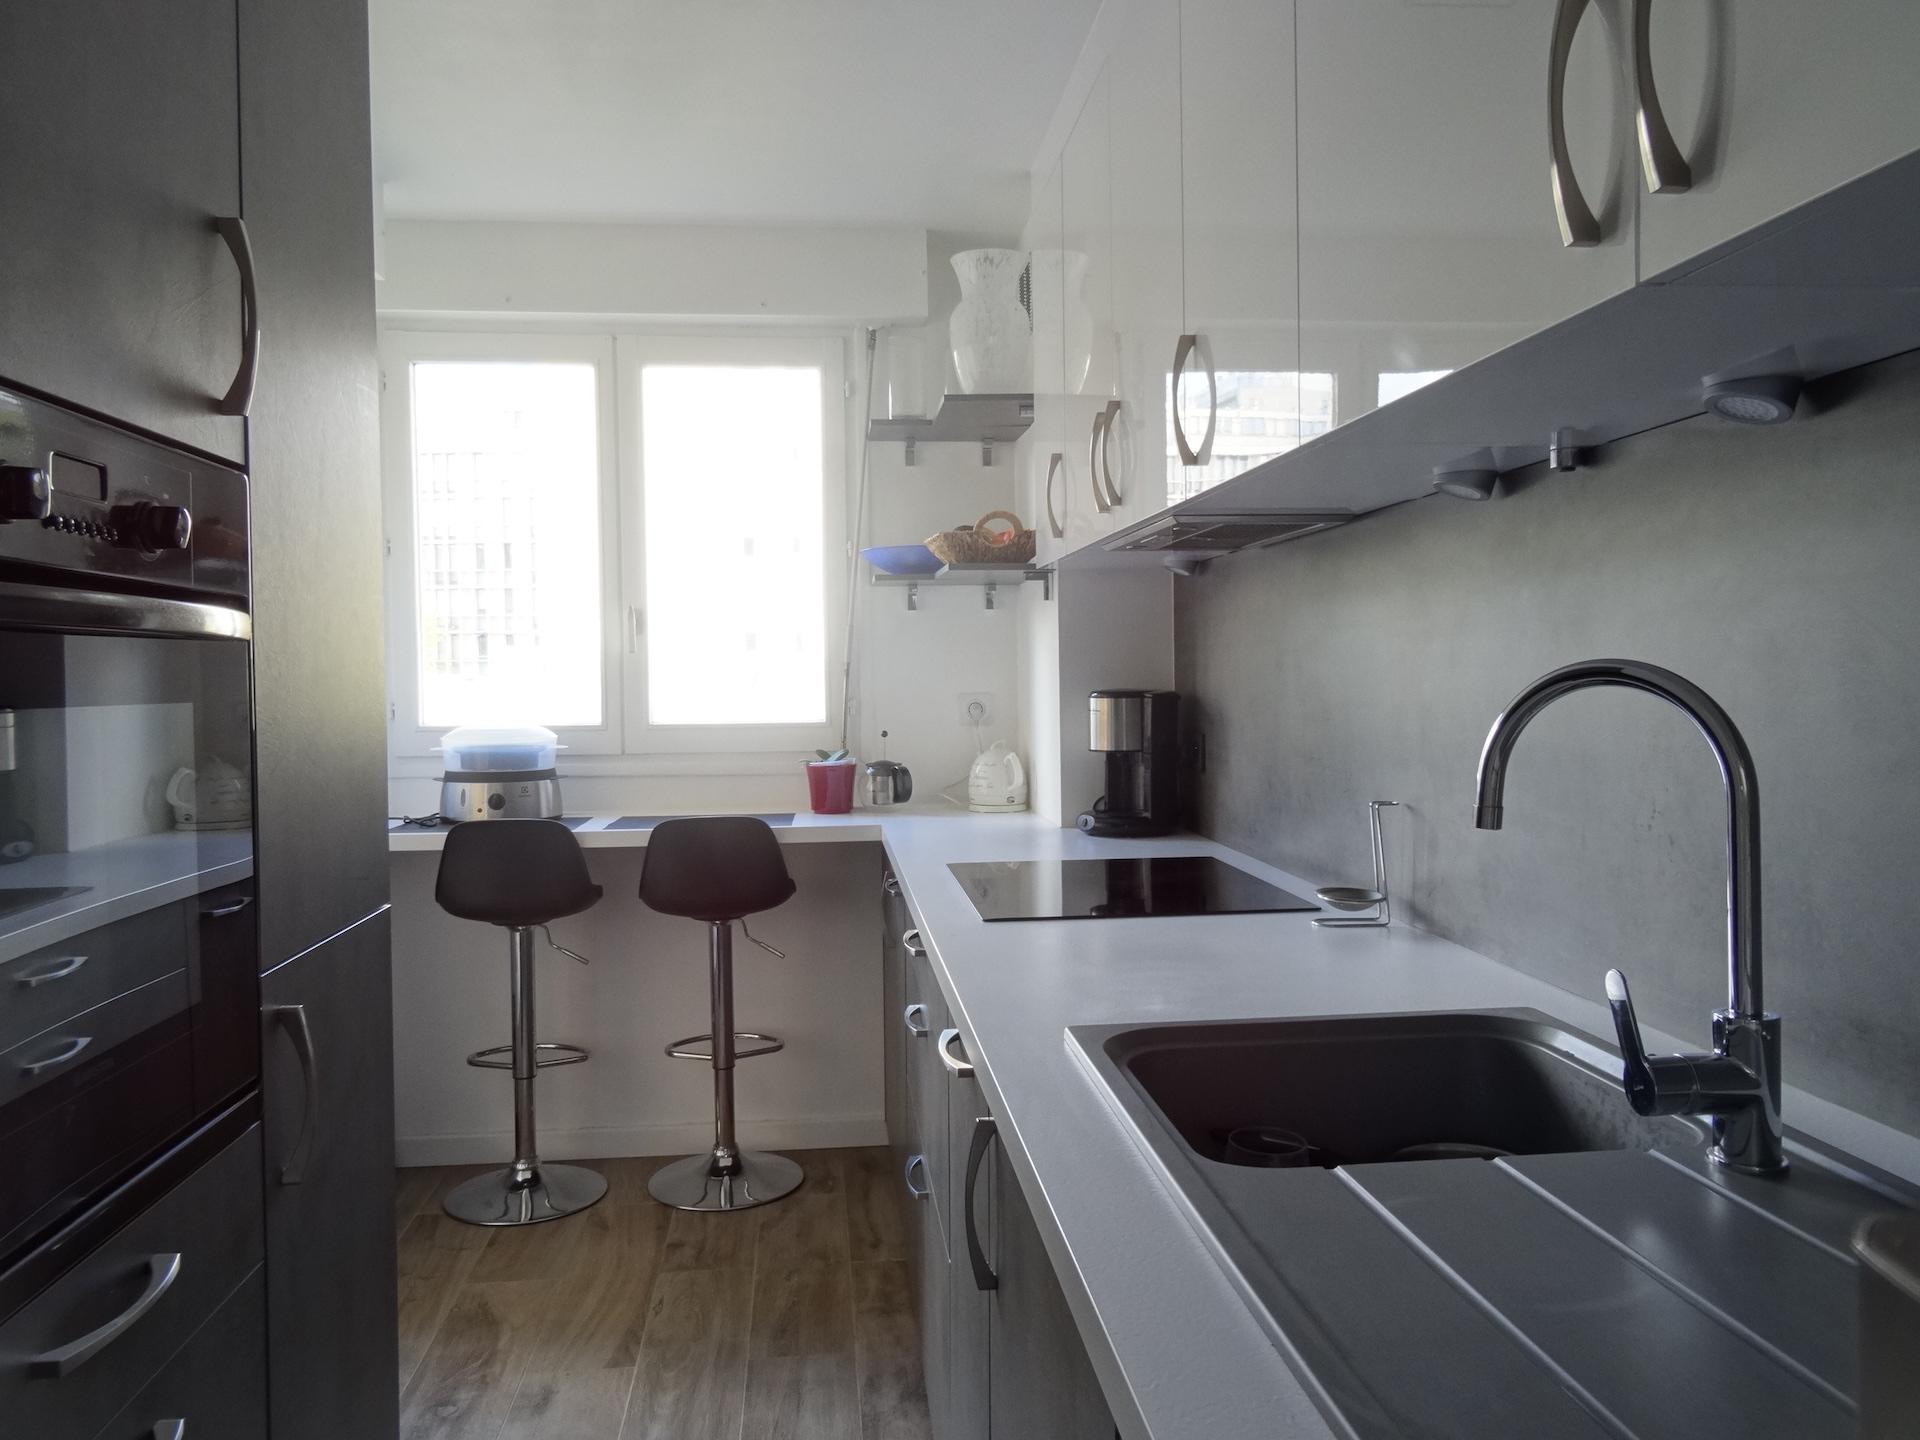 vente-appartement-3-pieces-boulogne-la-clef-des-villes-agence-immobiliere-cuisine